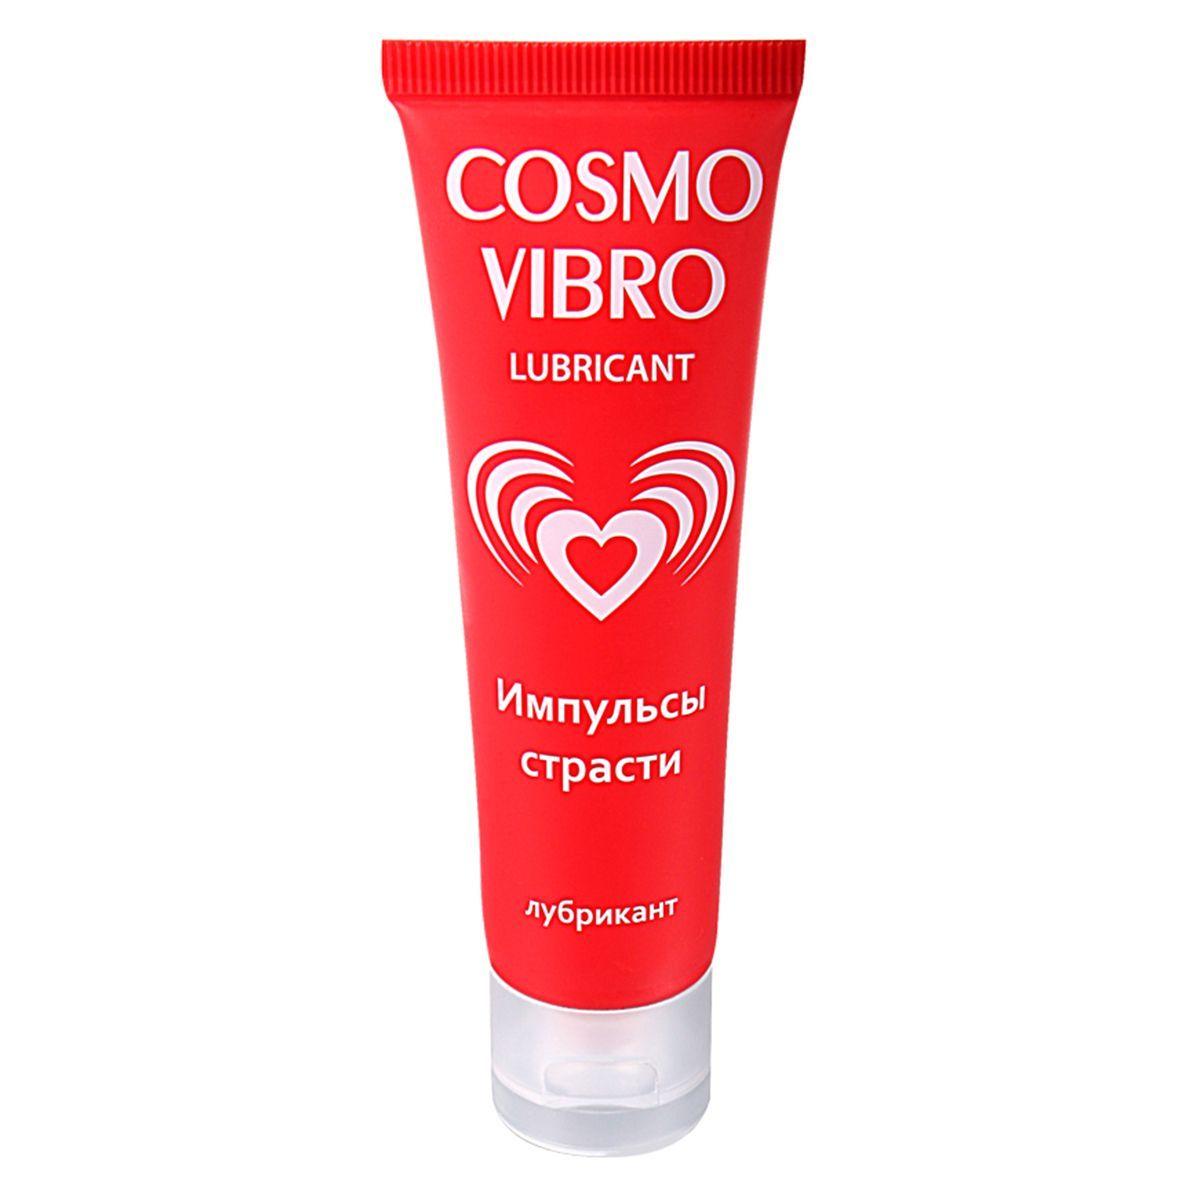 Женский стимулирующий лубрикант на силиконовой основе Cosmo Vibro - 50 гр. - фото 223689